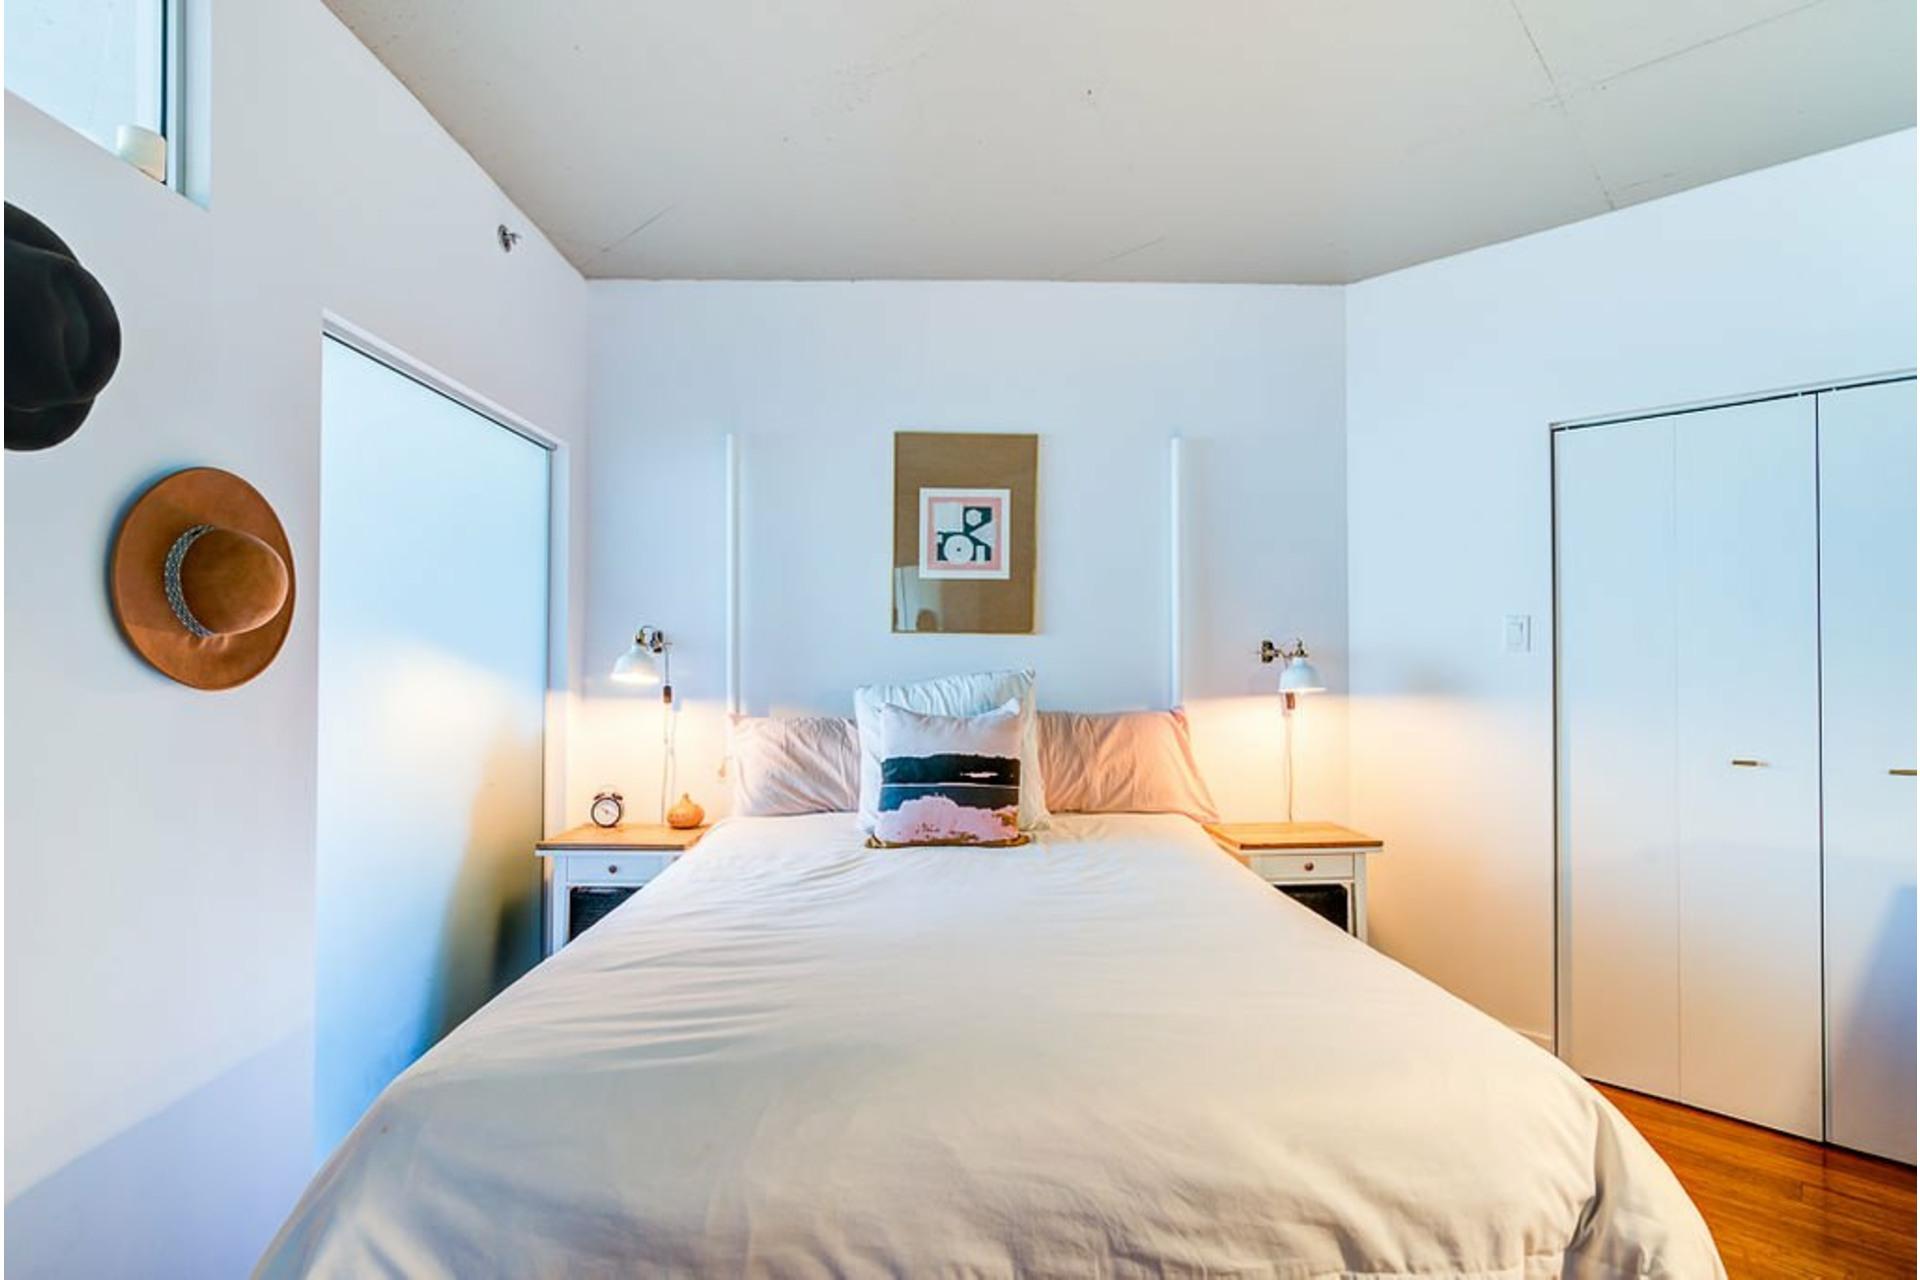 image 15 - Apartment For sale Villeray/Saint-Michel/Parc-Extension Montréal  - 4 rooms